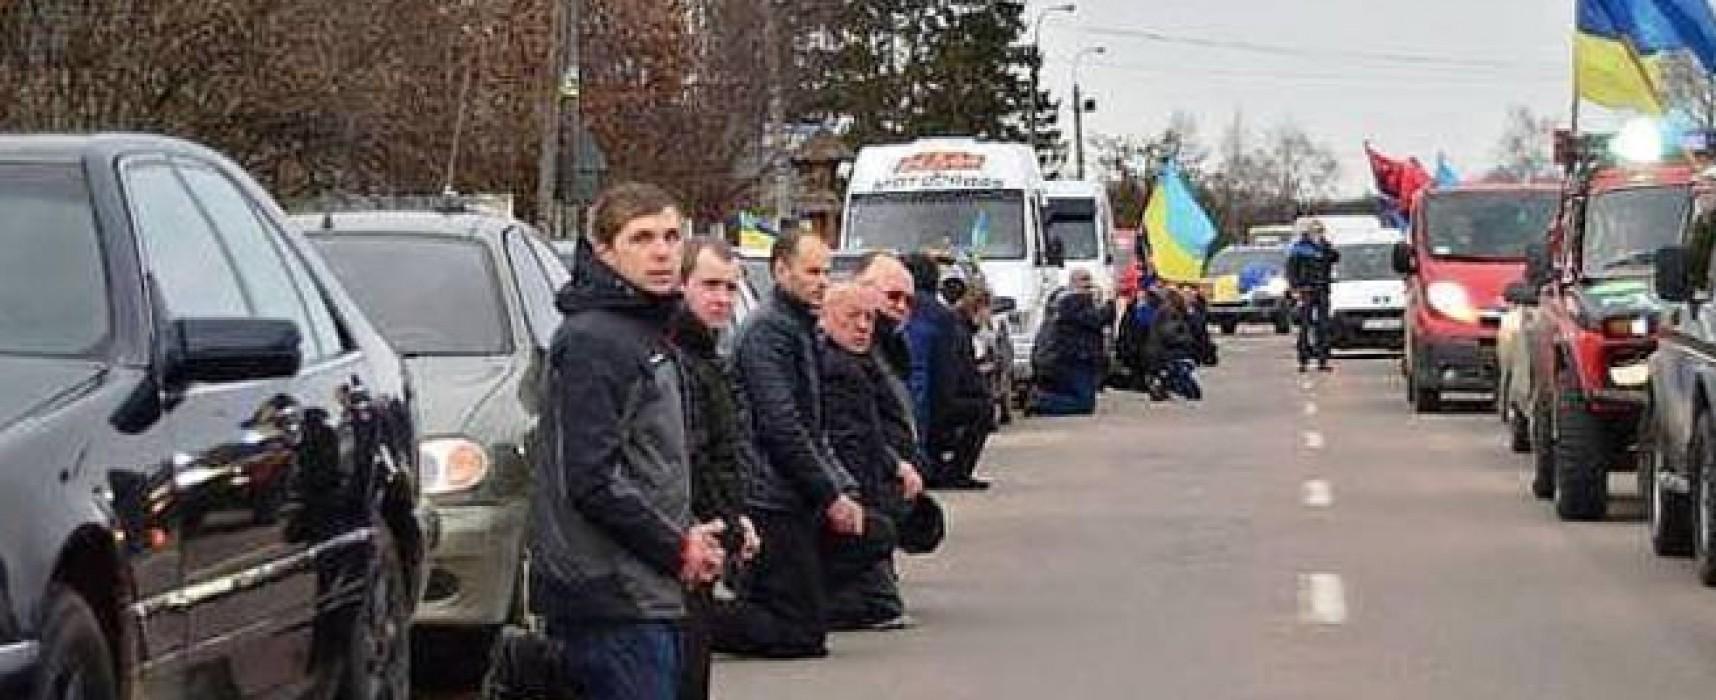 Фейк: в Украине люди должны становиться на колени перед Правым сектором